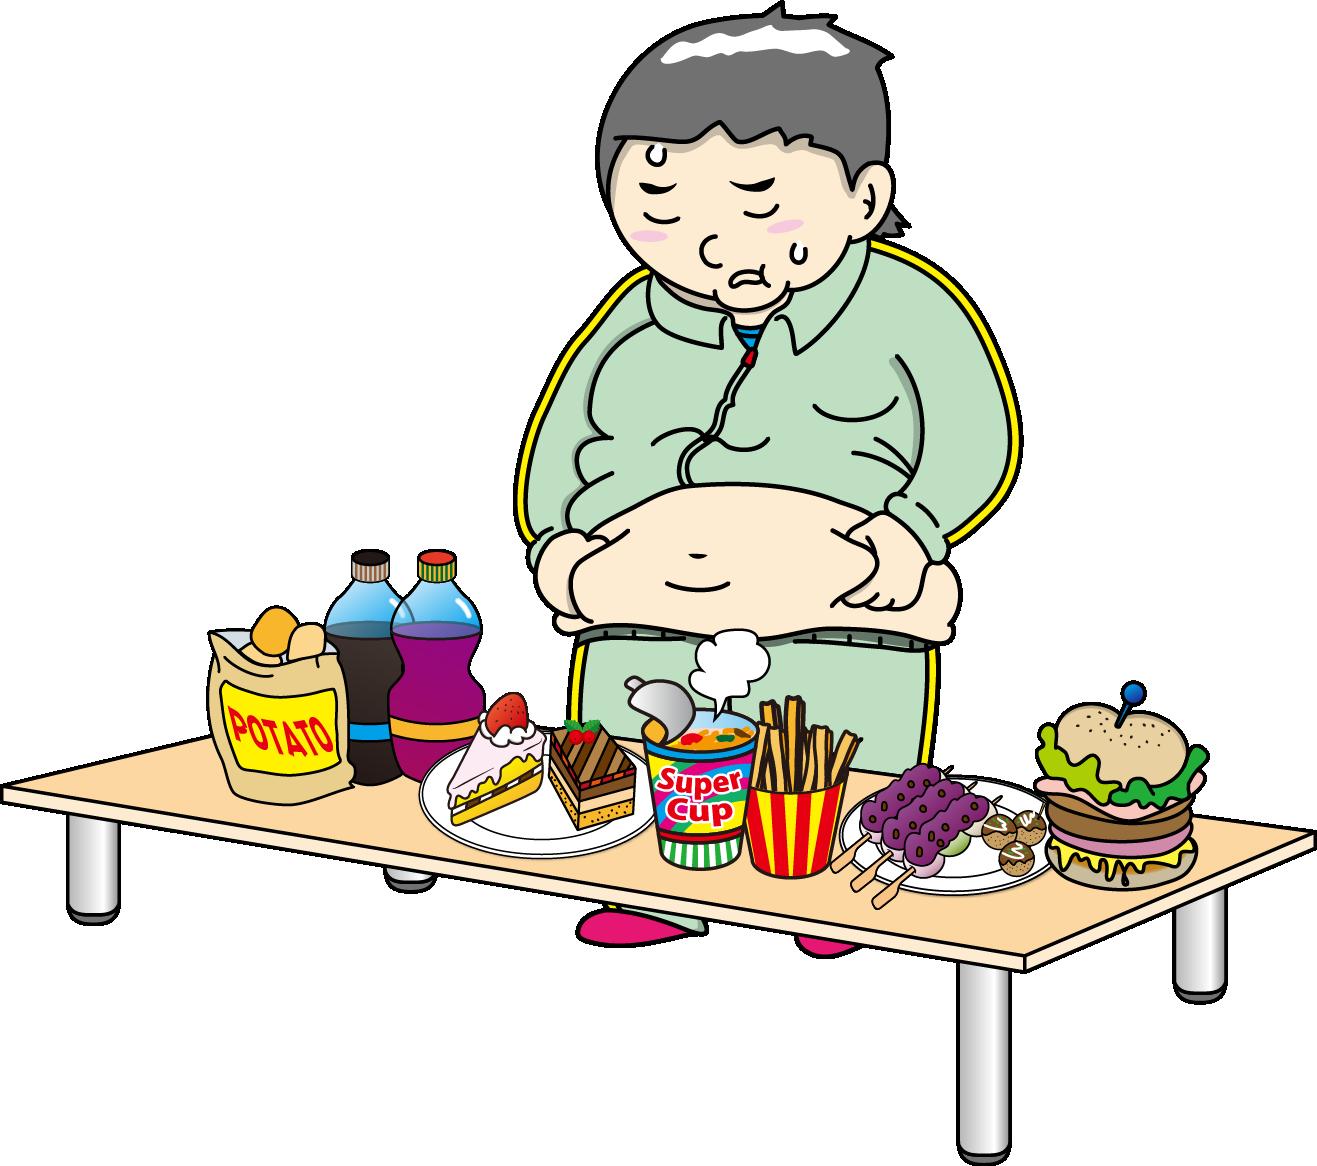 ヒトが太るメカニズム | ローカーボ ...